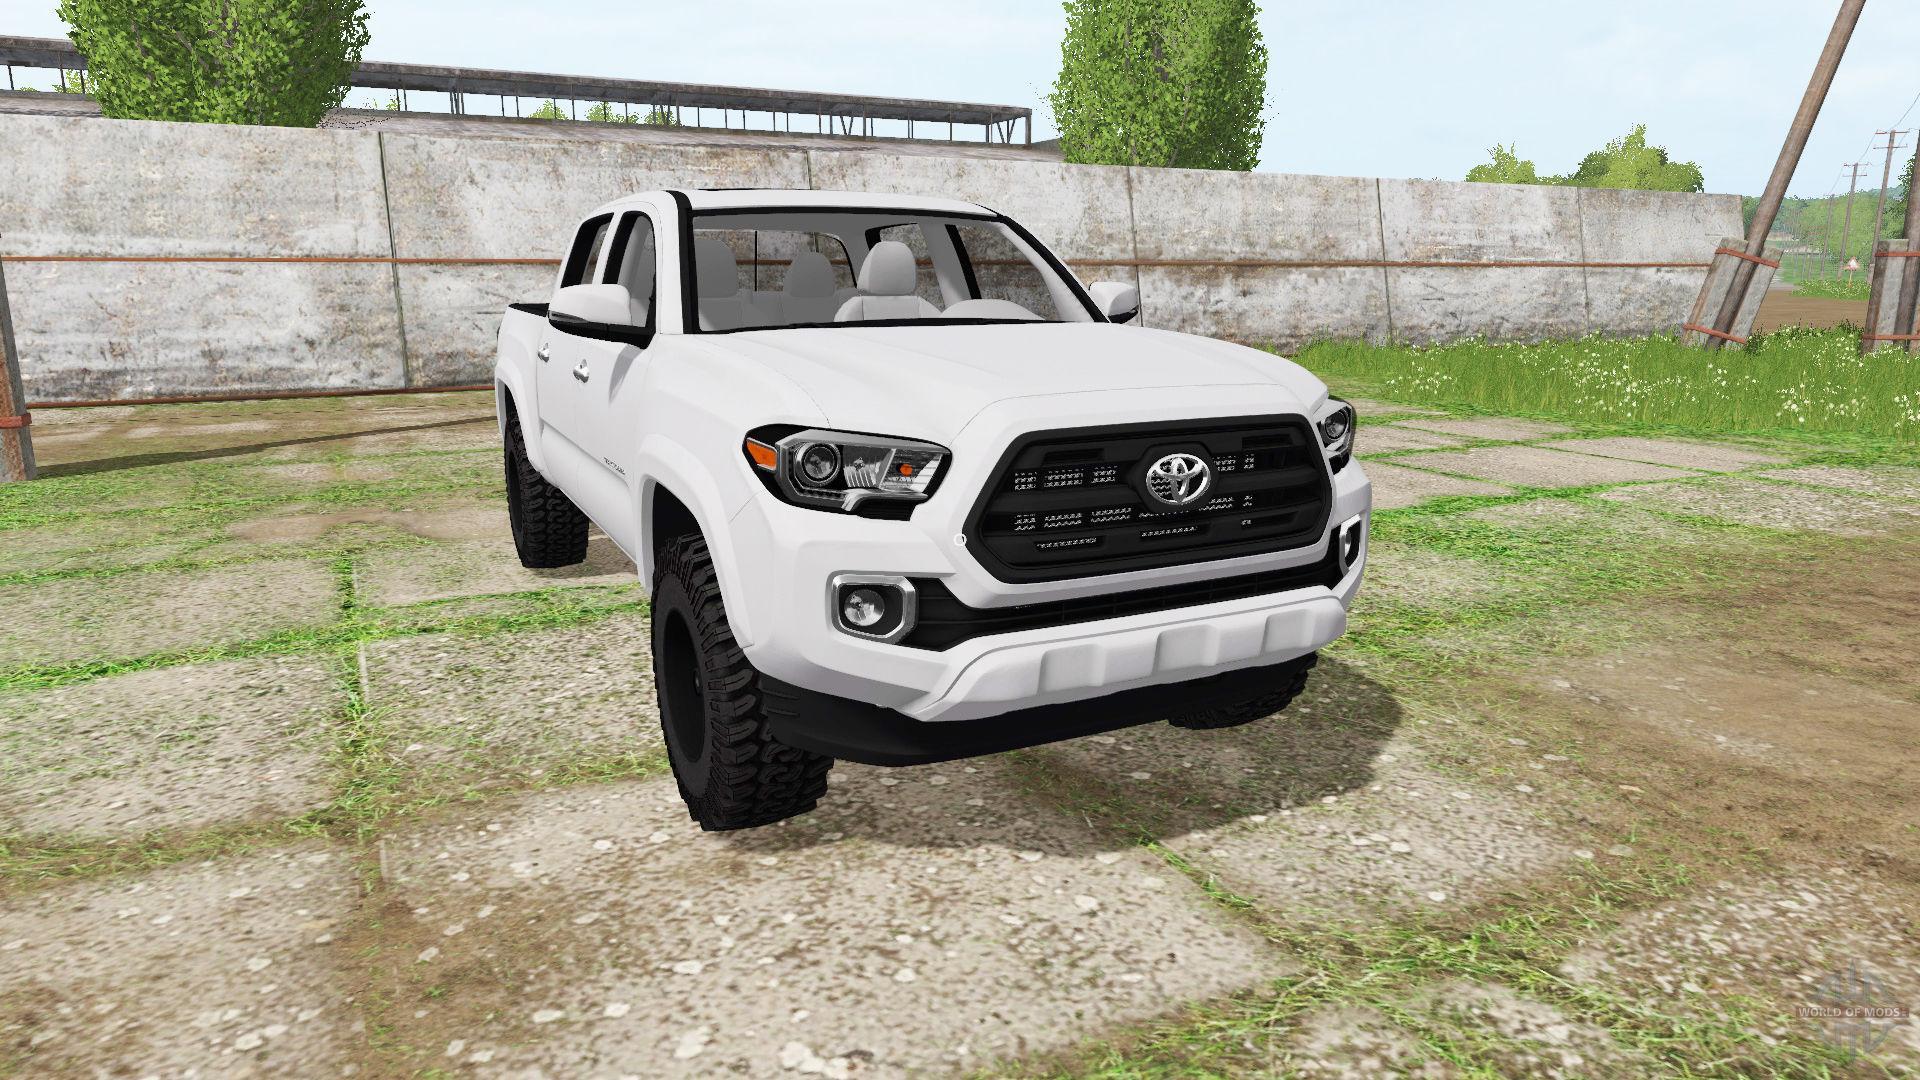 2018 Toyota Tundra Double Cab >> TOYOTA TACOMA DOUBLE CAB 2016 LS 17 - Farming Simulator 2017 mod, LS 2017 mod / FS 17 mod